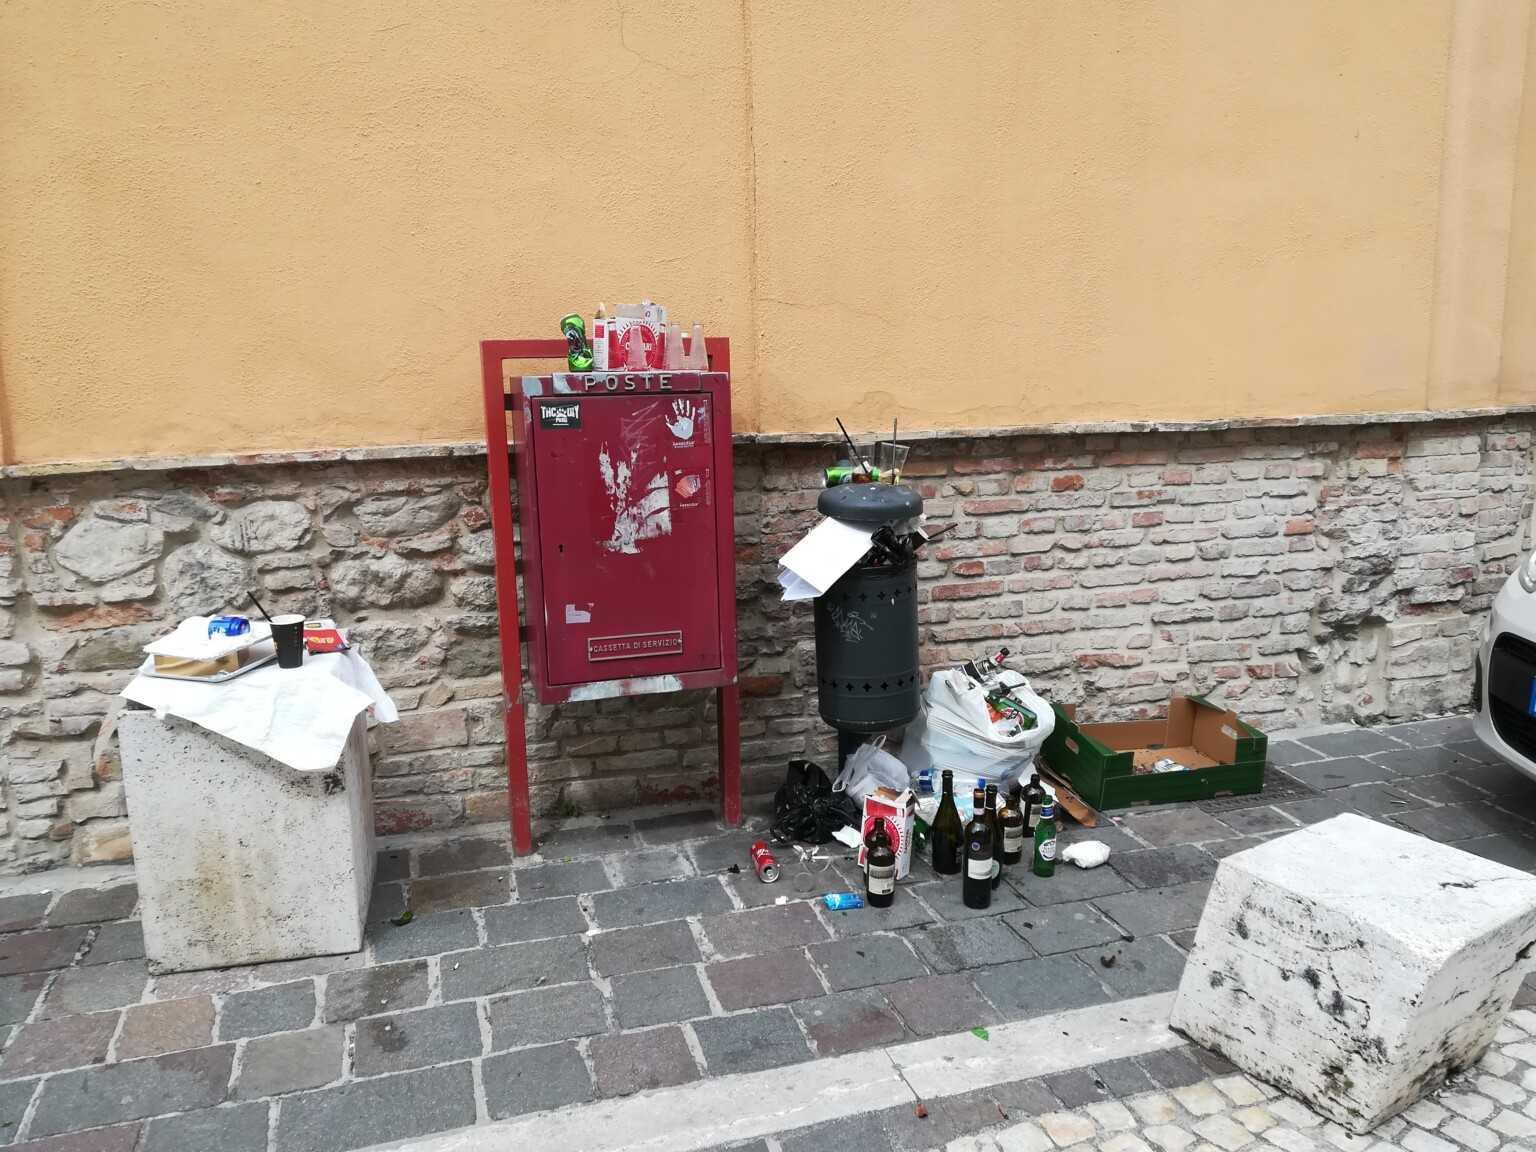 Teramo: Piazza Sant'Agostino post sabato sera